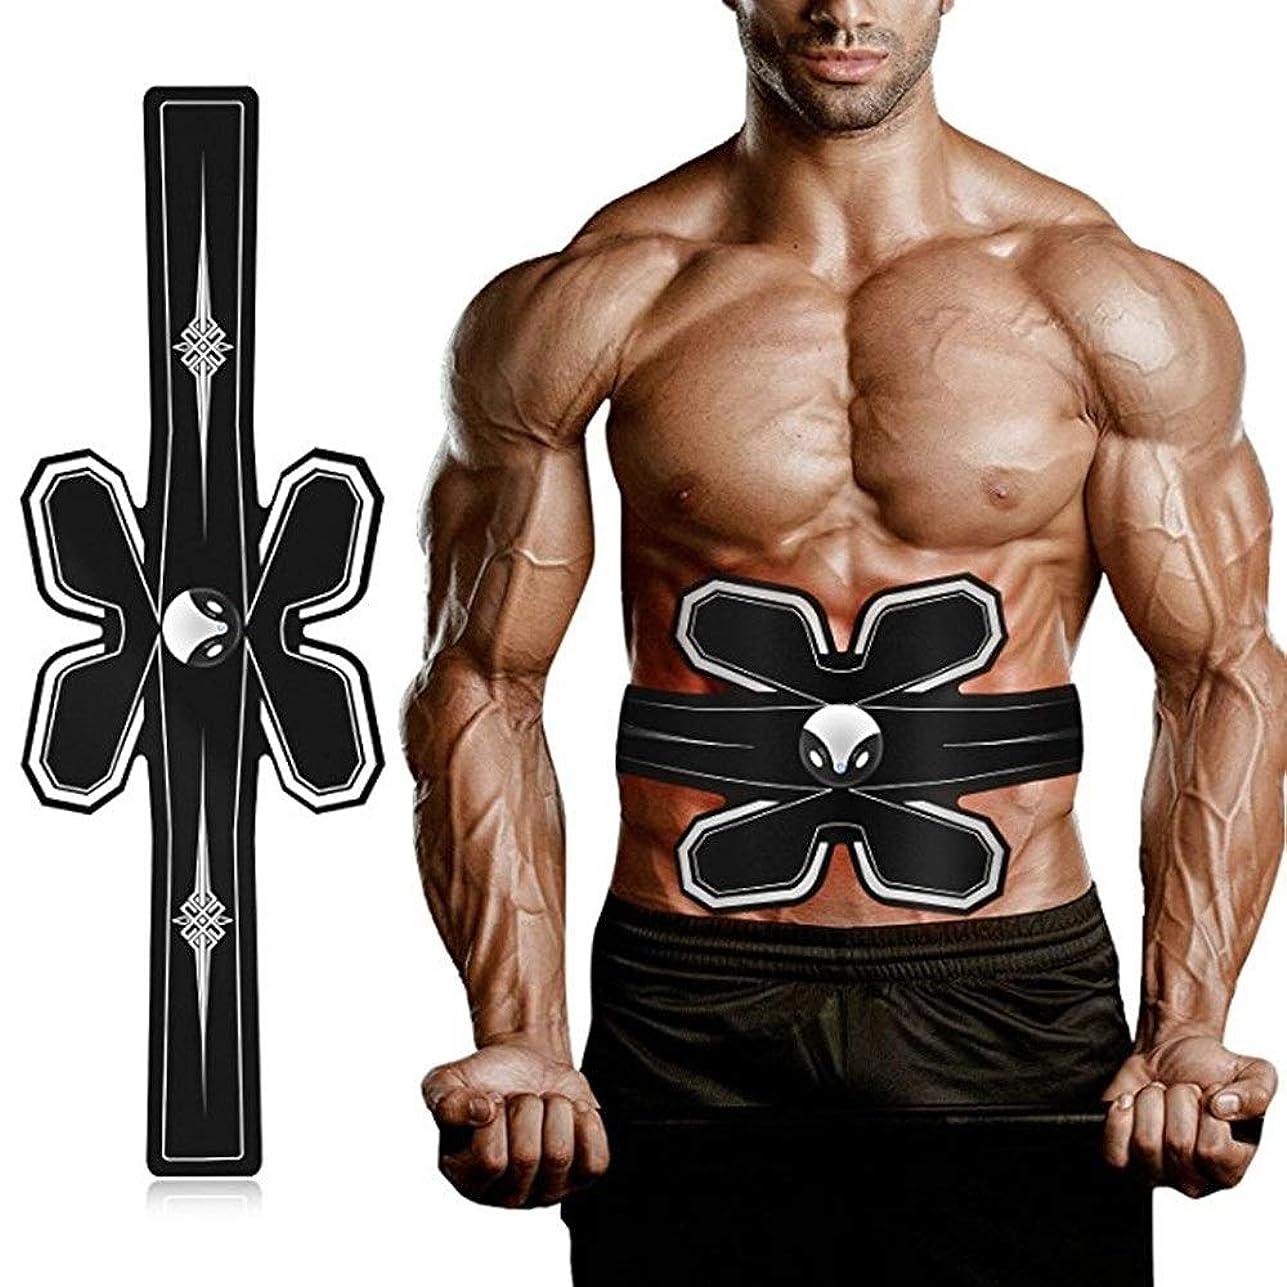 慎重にプレビュー偽造EMS筋肉フィットネストレーナー、筋肉腹部刺激スティルティルトナーベルト体格トレーニングと脂肪燃焼フィットネス脚運動USB充電式ゲルパッドホーム男性と女性に適した